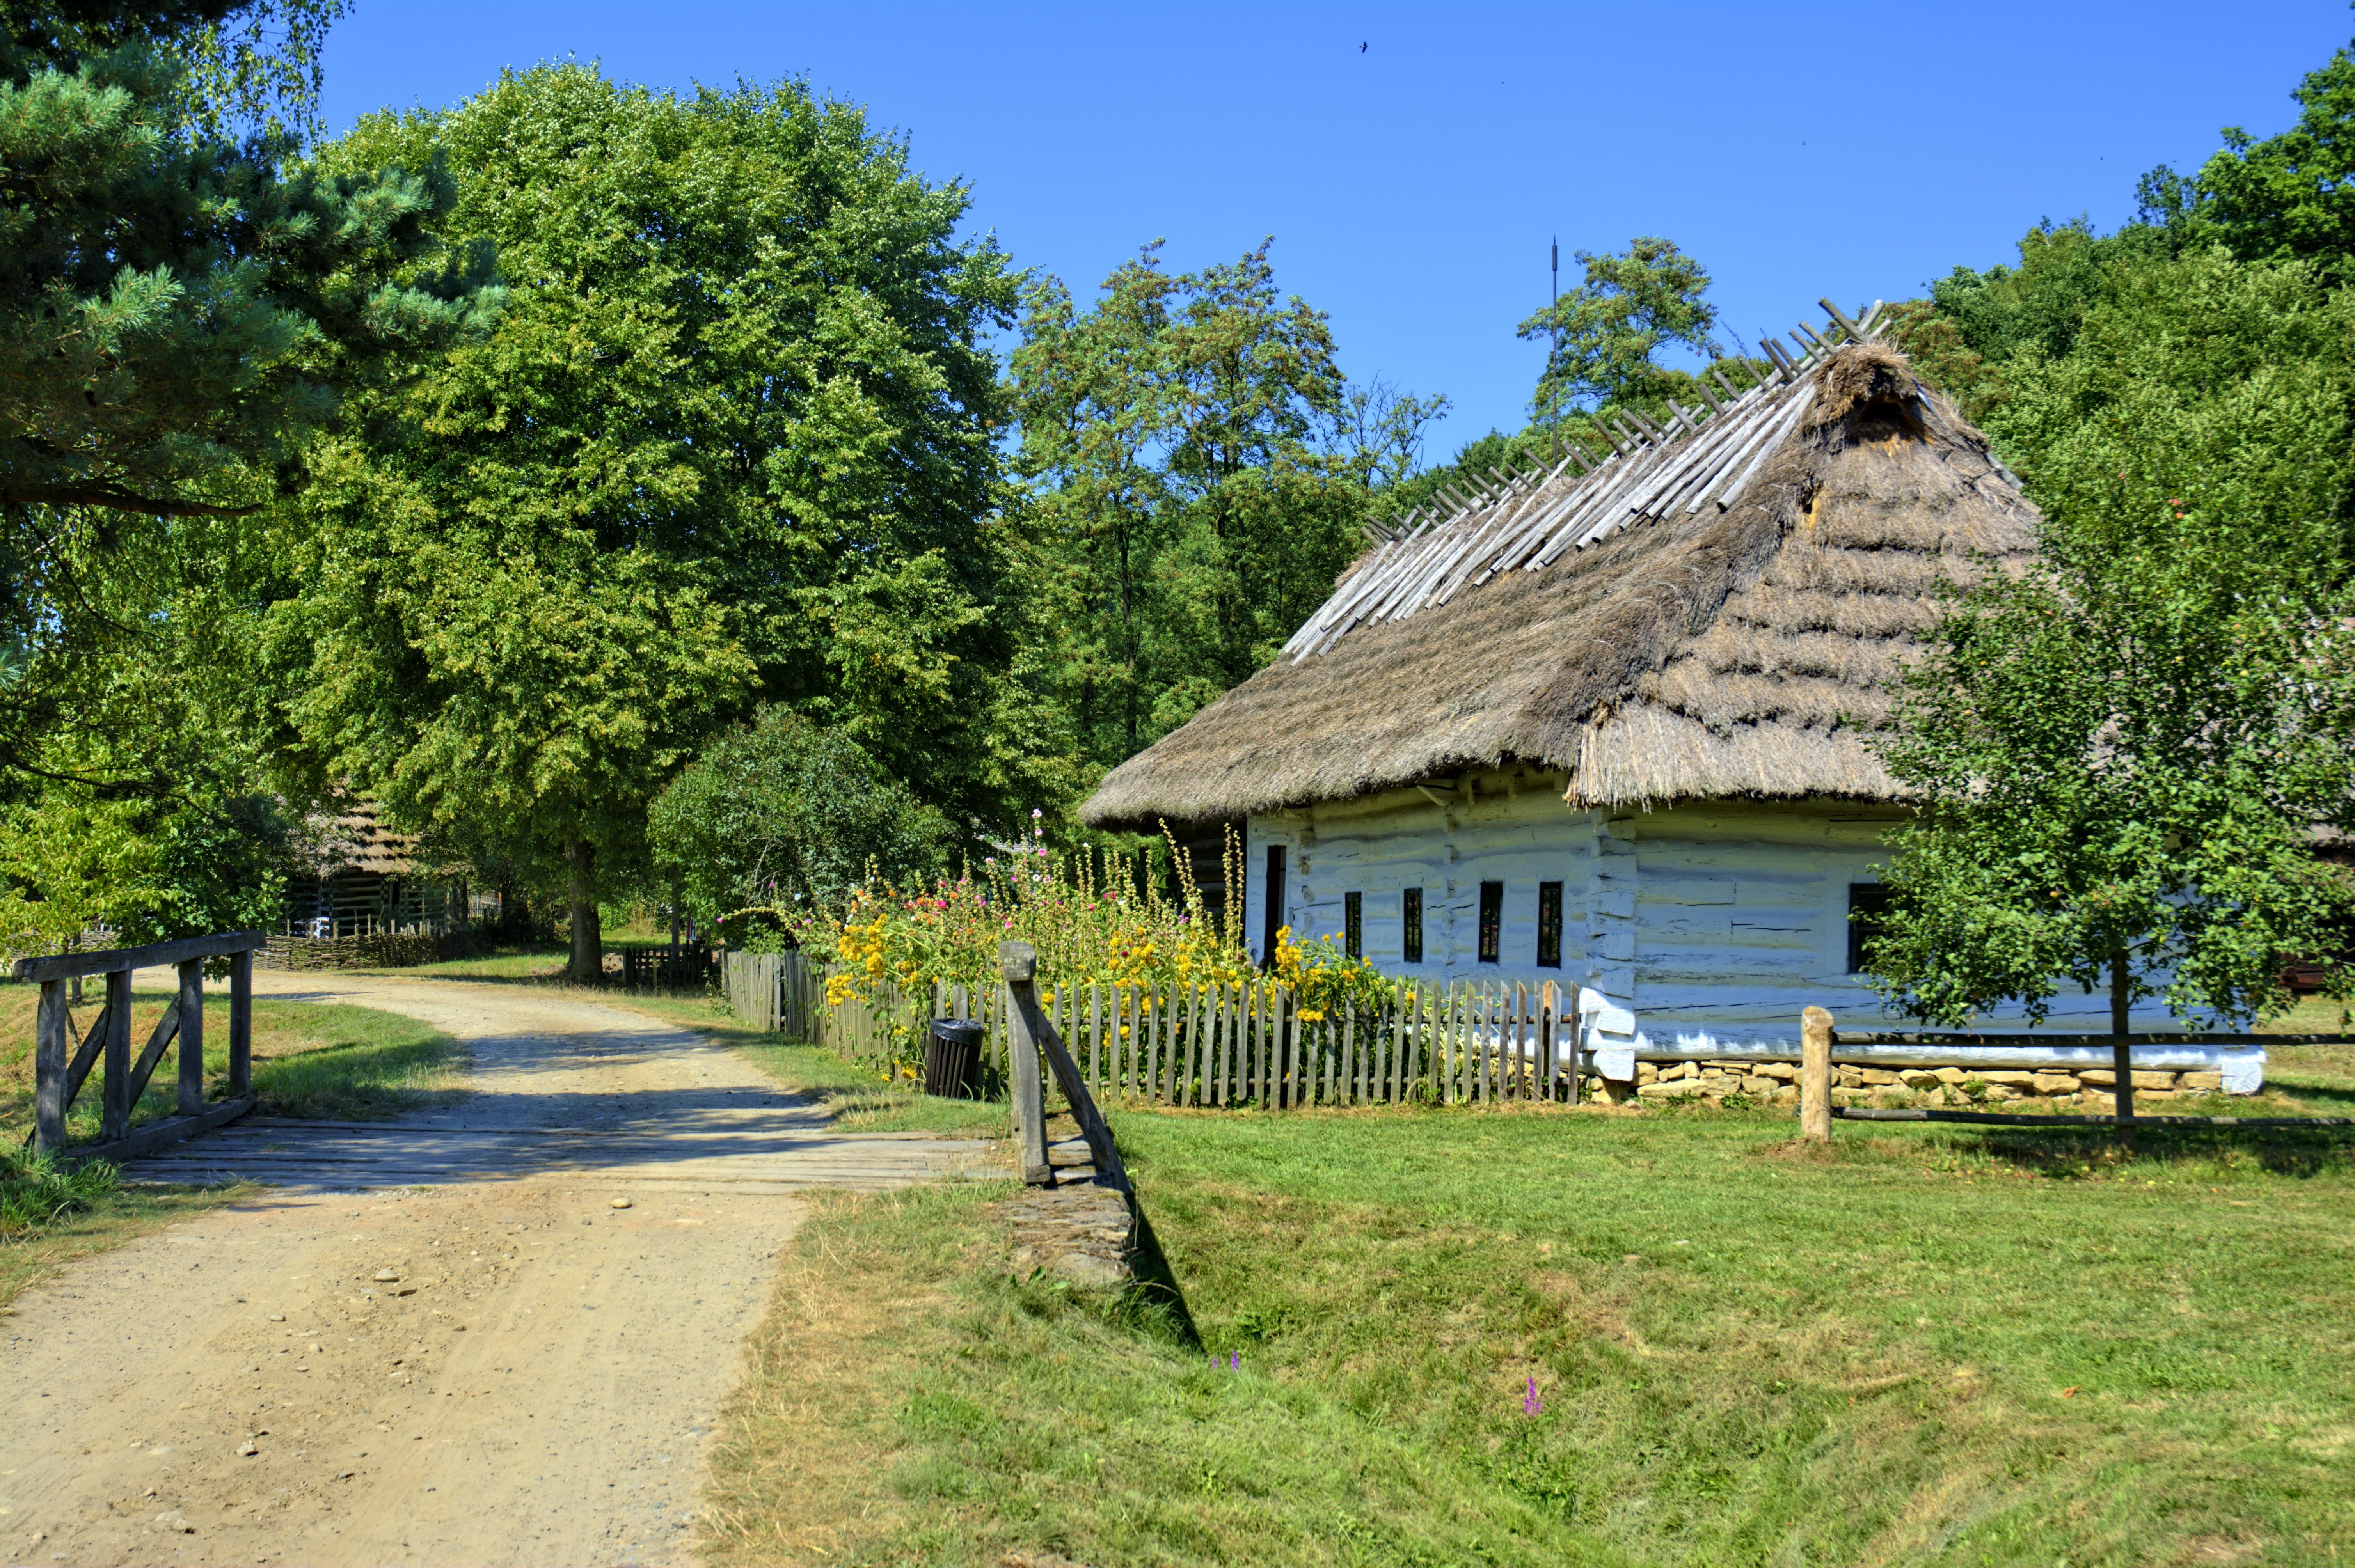 Free images tree grass old monument village resort for Idee per aprire un negozio originale